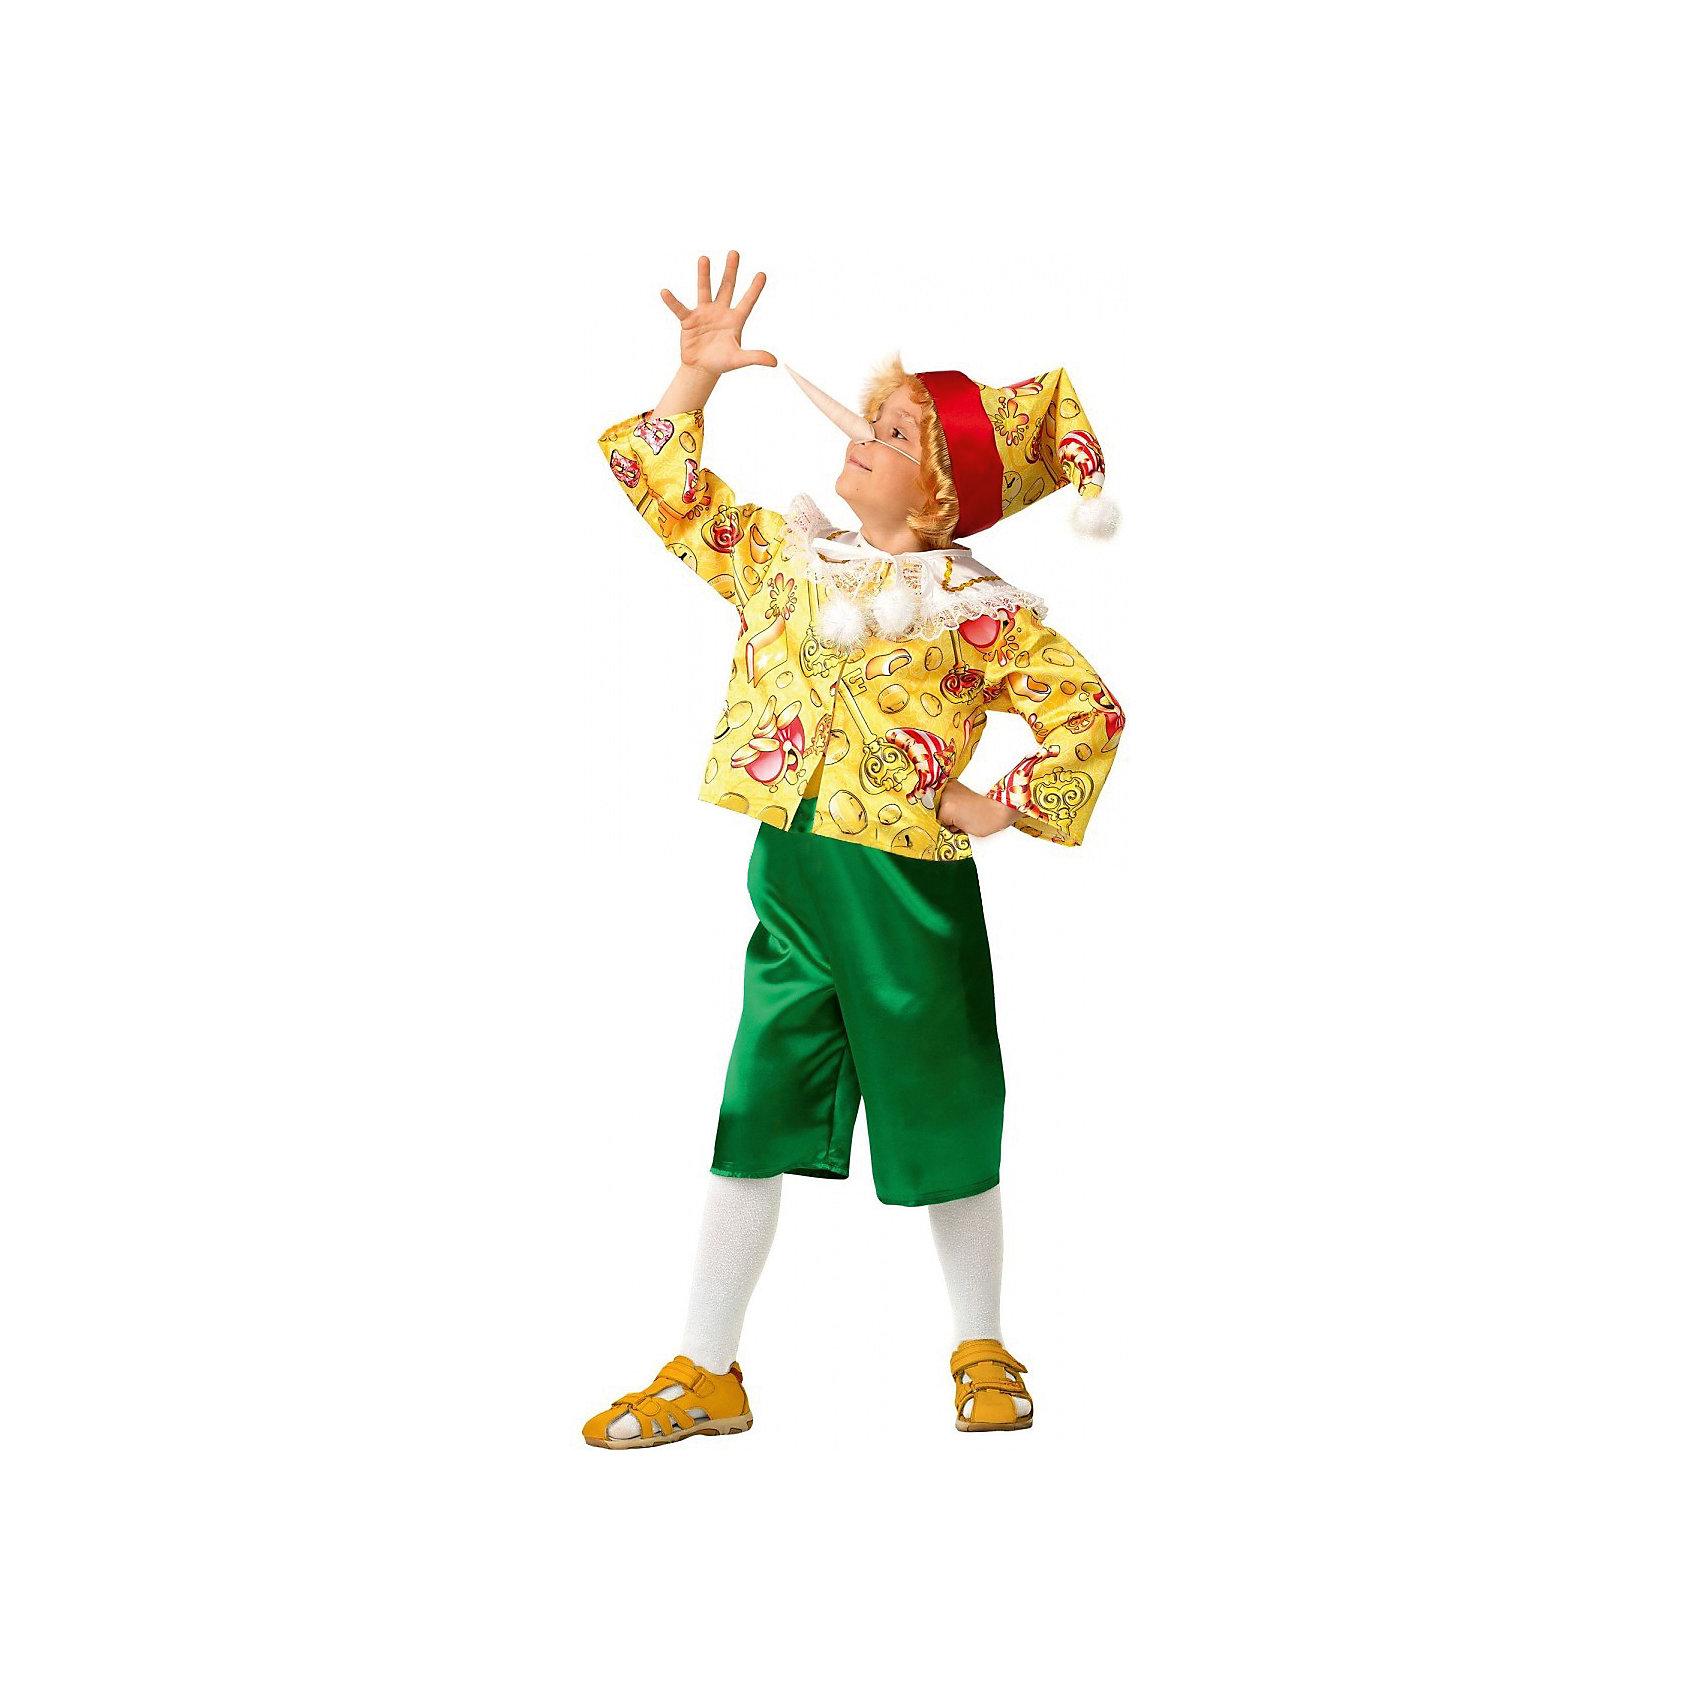 Карнавальный костюм Буратино сказочный Сказочная страна, Батик<br><br>Ширина мм: 500<br>Глубина мм: 50<br>Высота мм: 700<br>Вес г: 600<br>Цвет: разноцветный<br>Возраст от месяцев: 48<br>Возраст до месяцев: 60<br>Пол: Женский<br>Возраст: Детский<br>Размер: 28<br>SKU: 5092577